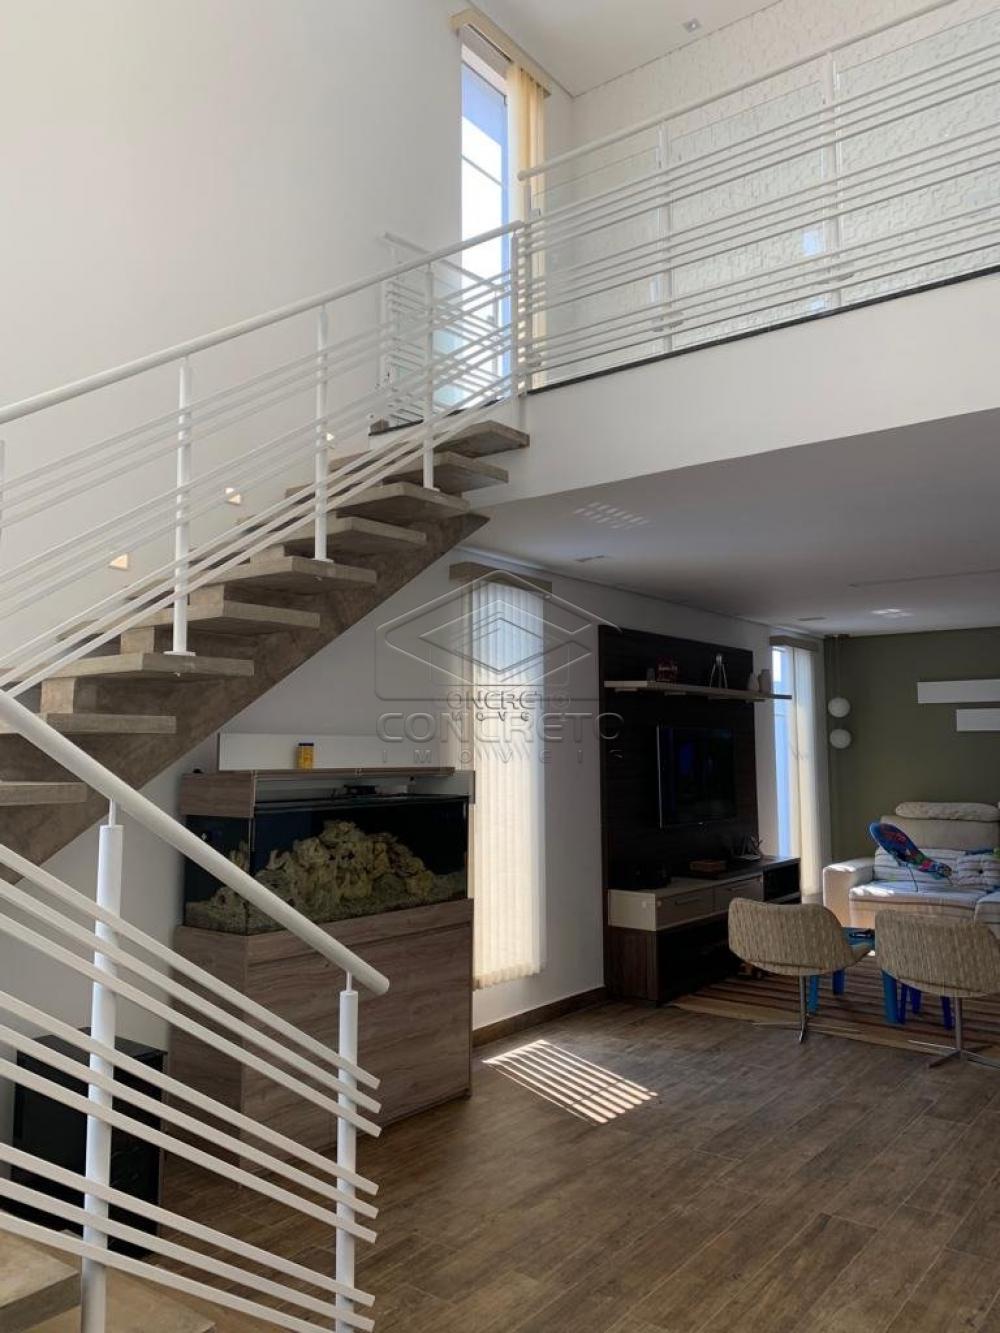 Comprar Casa / Padrão em Sao Manuel apenas R$ 650.000,00 - Foto 109